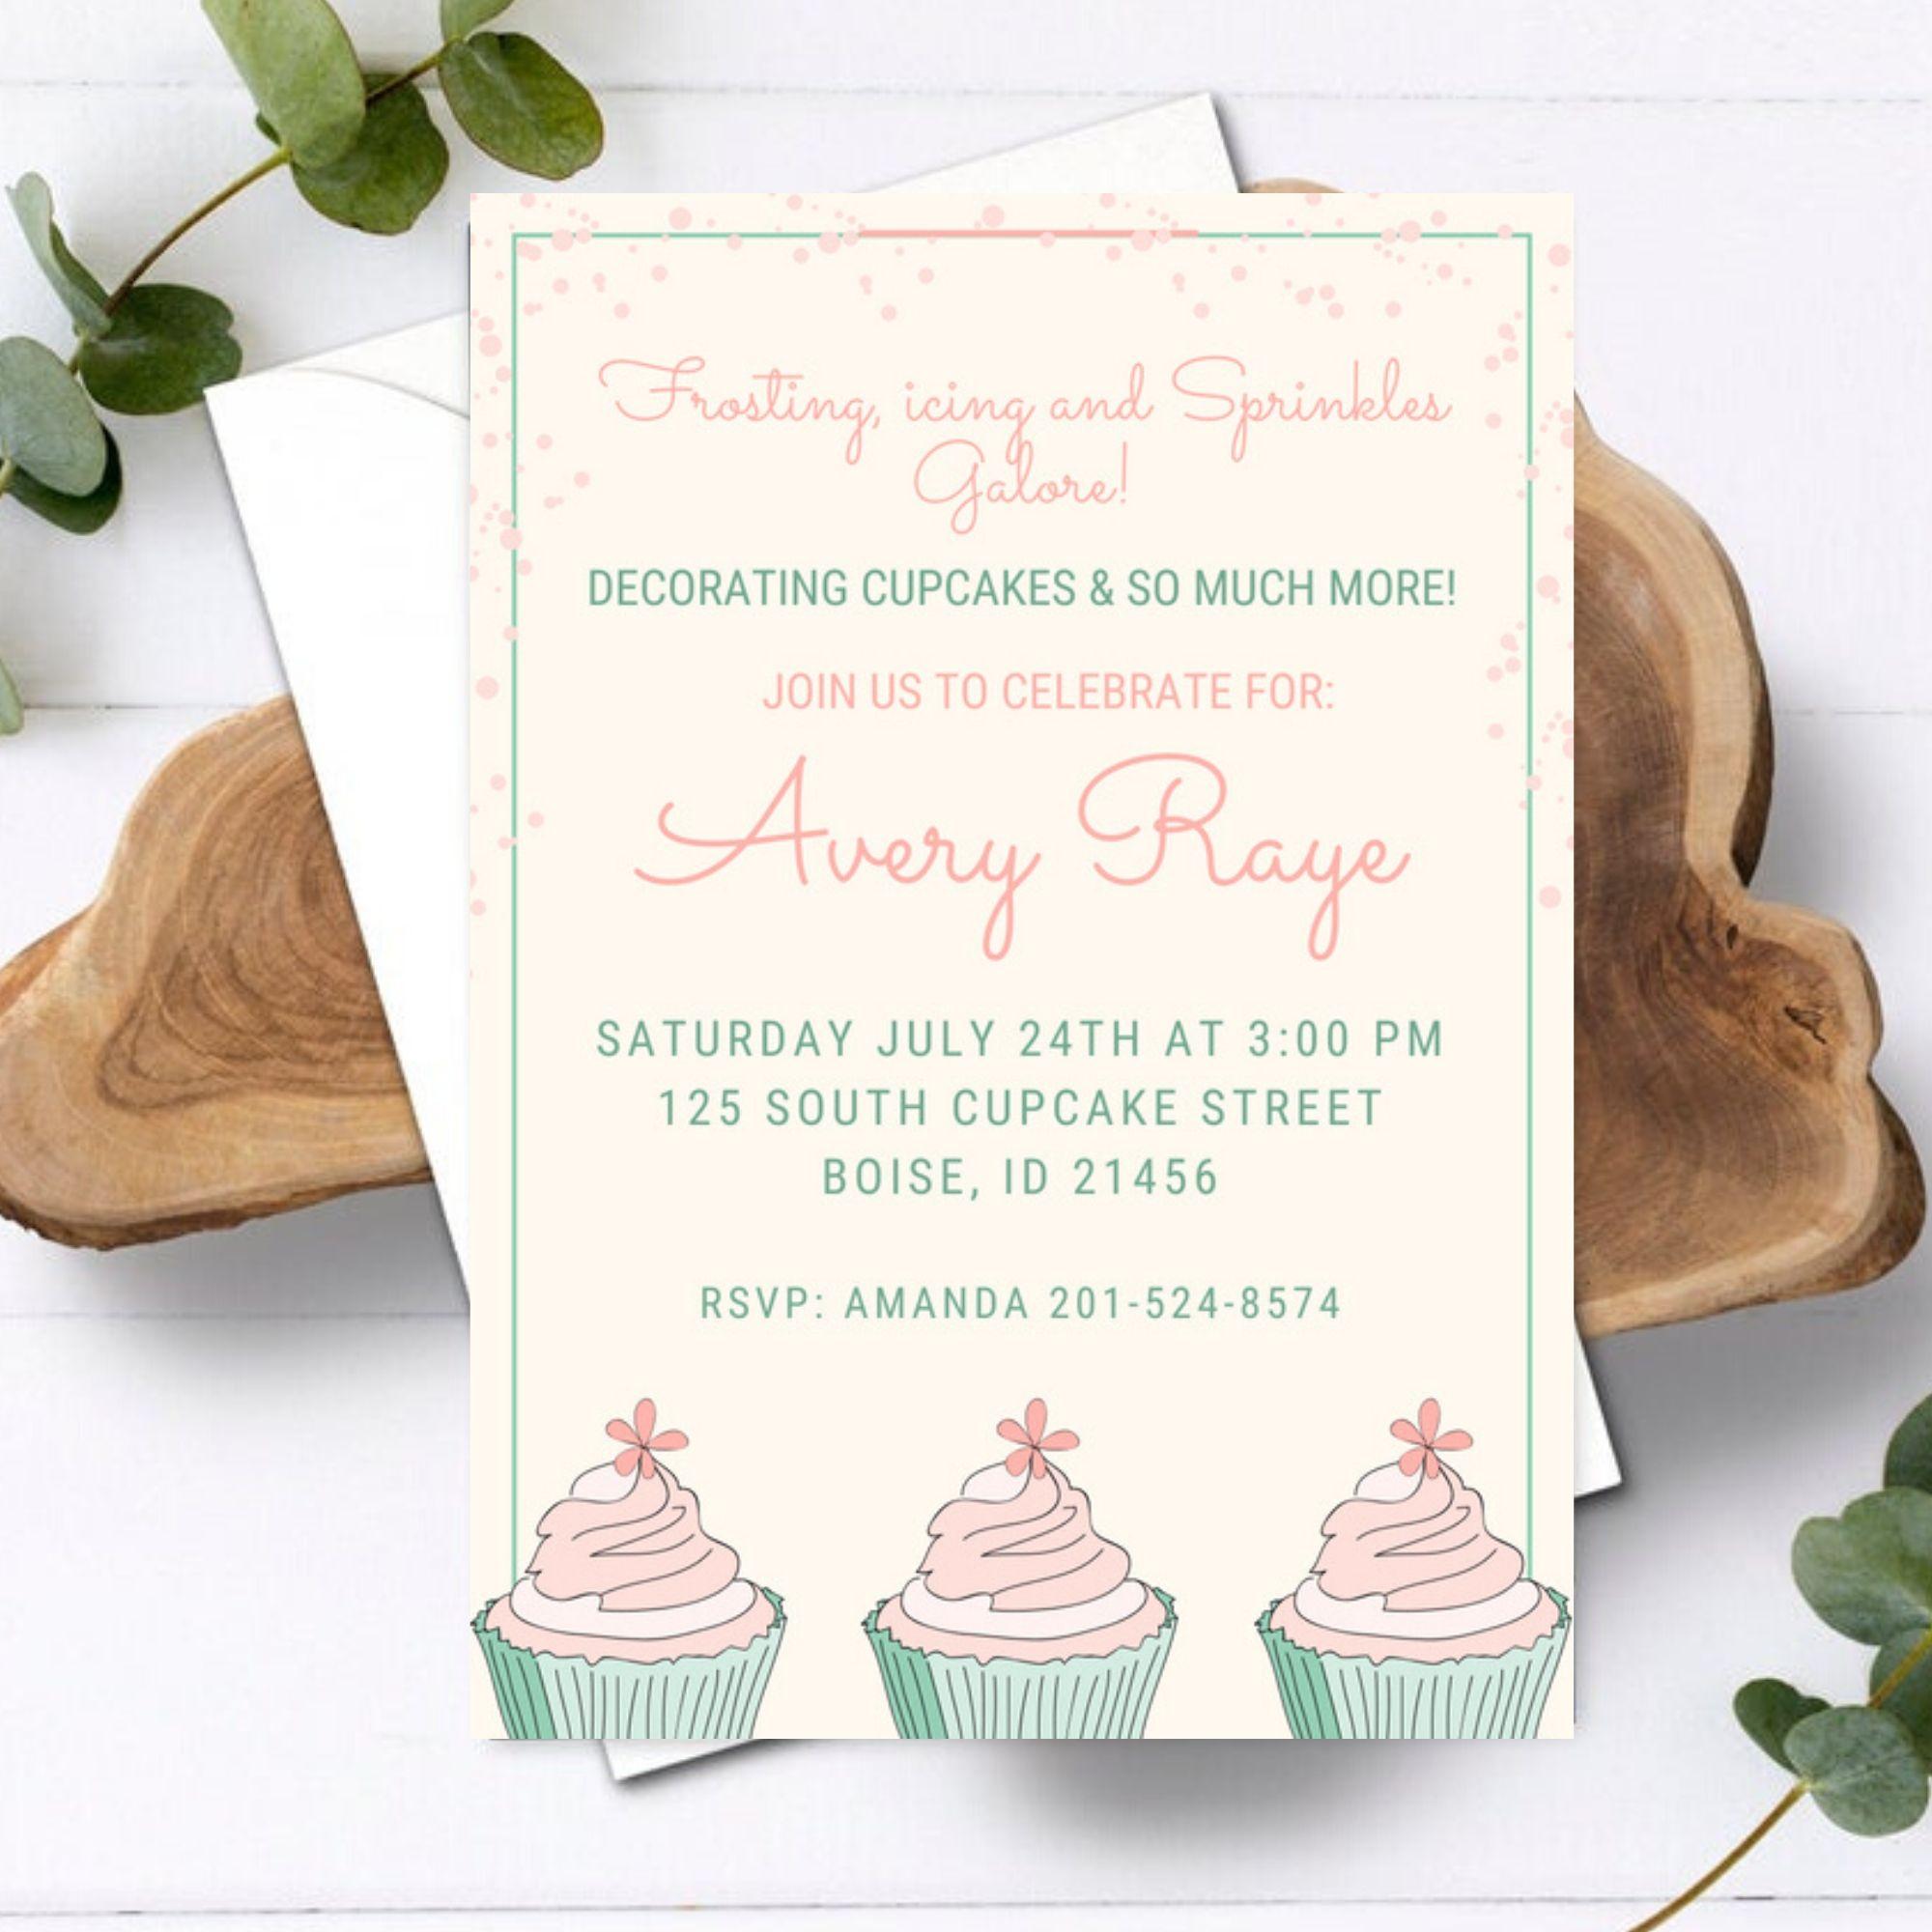 FREE PRINTABLE Cupcake War & Dessert Cupcake Party